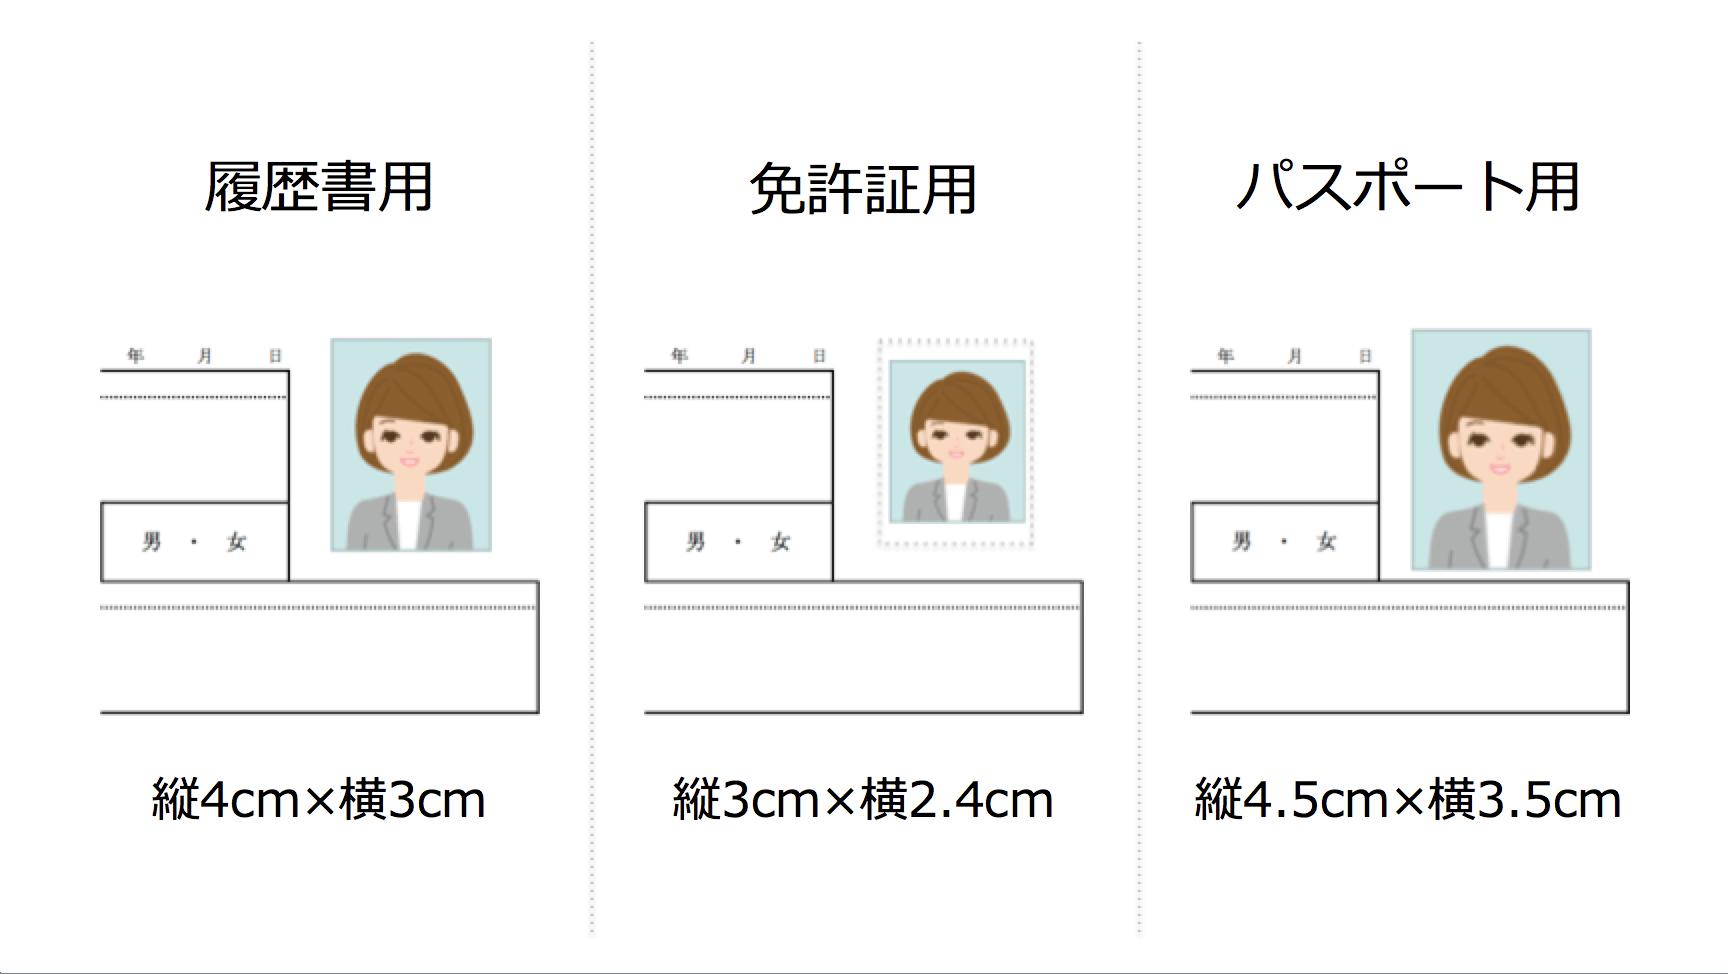 3cm どれくらい